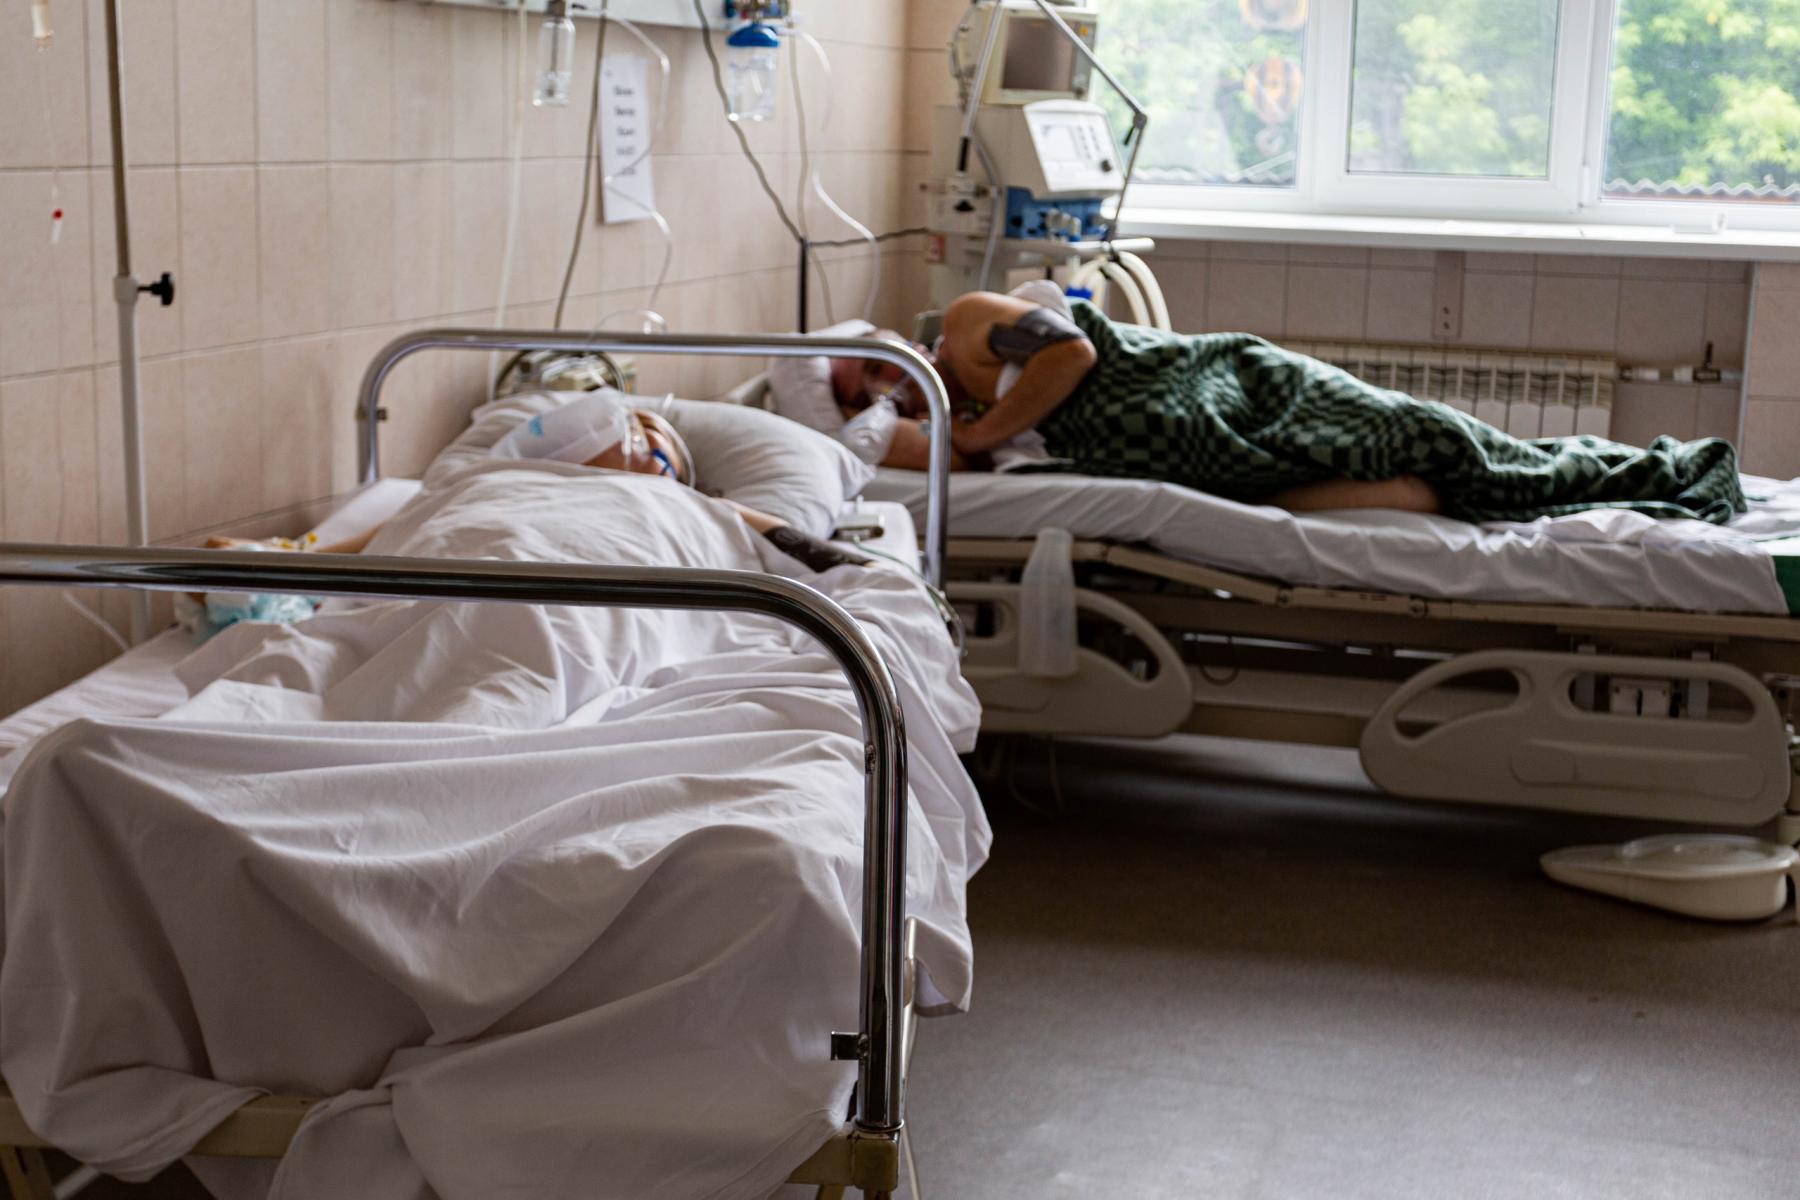 Фото «Пациенты лежат на животе по 14-16 часов в сутки»: врачи провели экскурсию по коронавирусному госпиталю Новосибирска 3